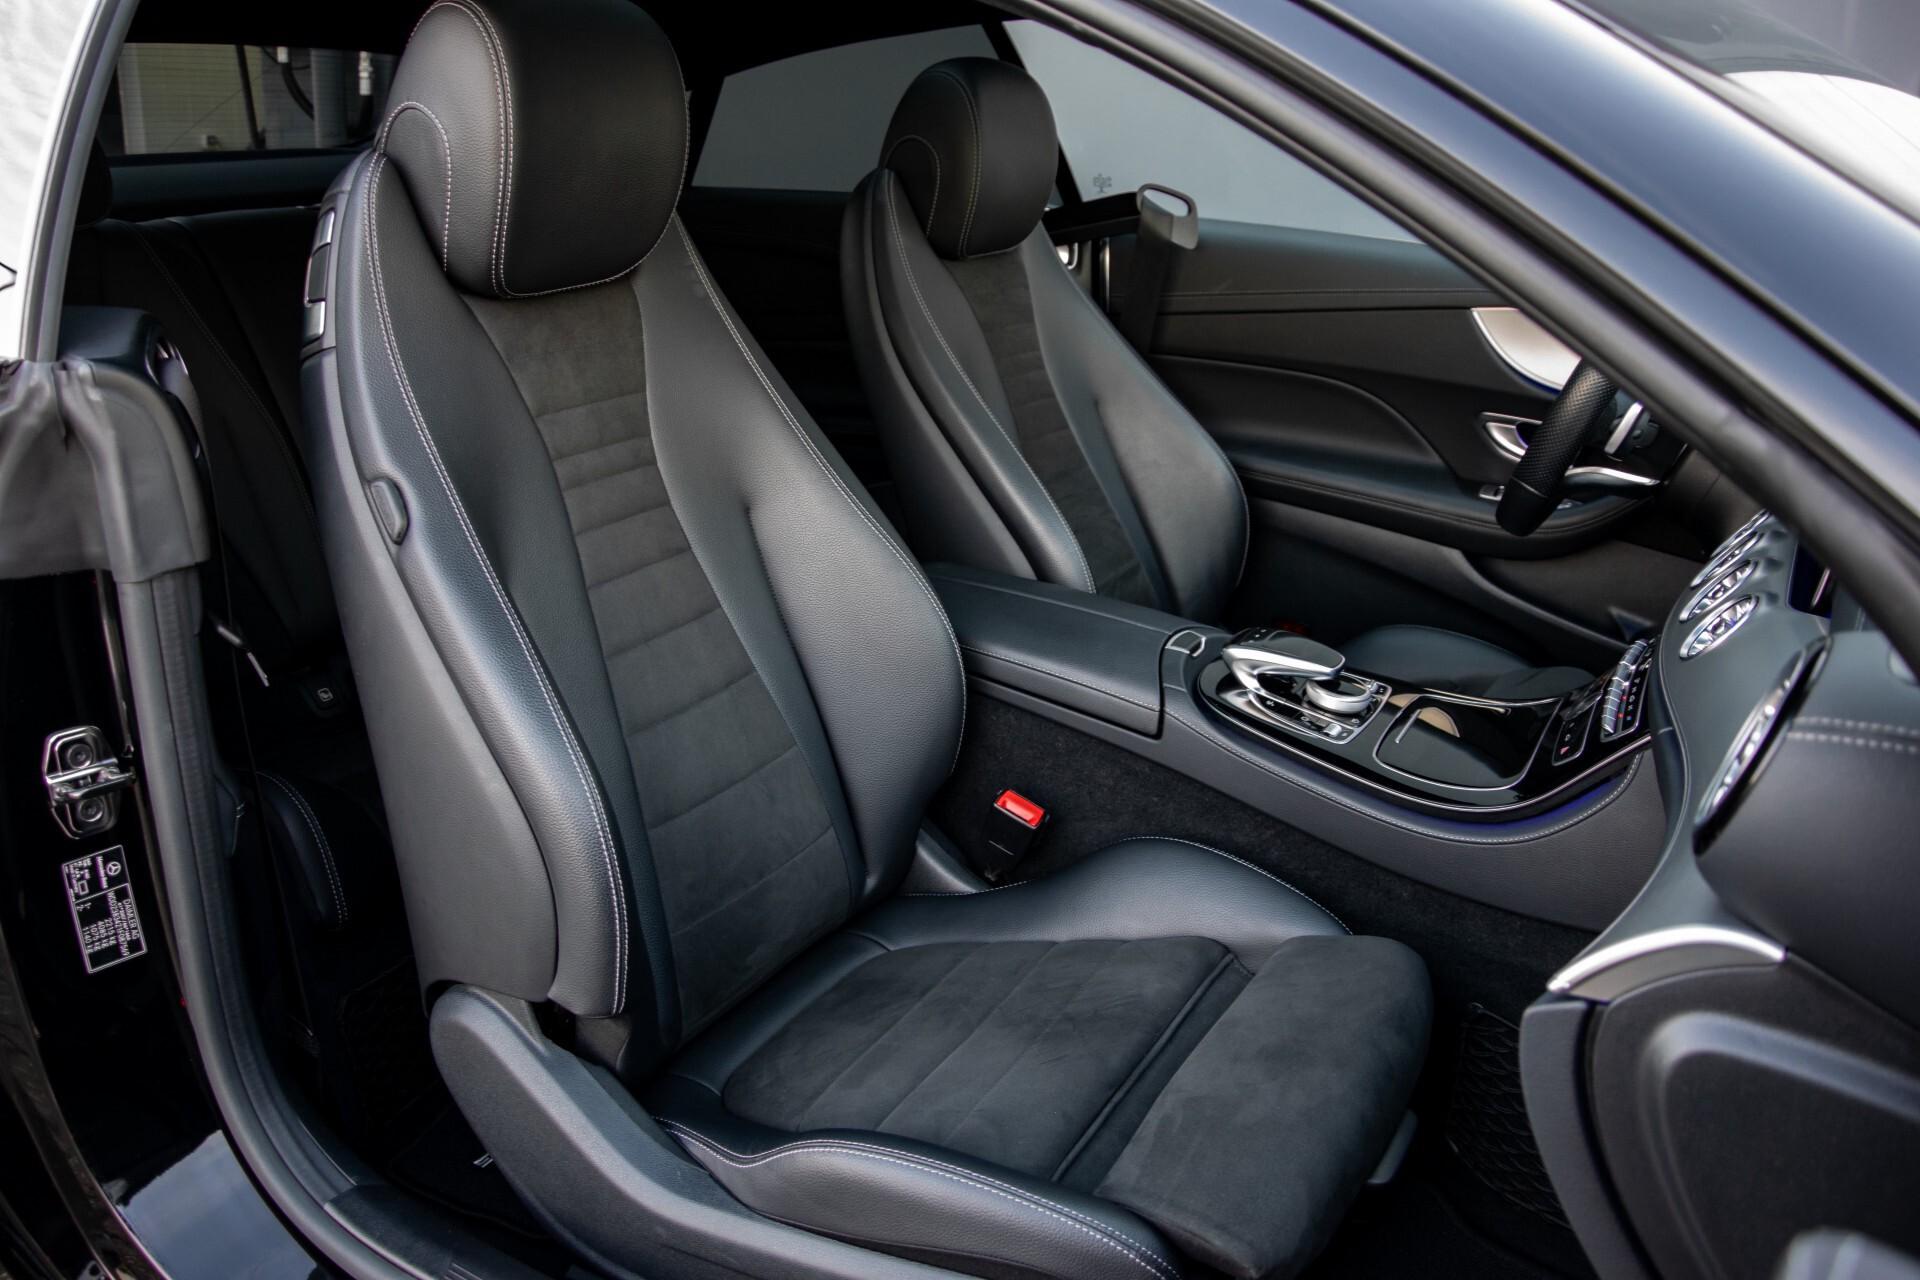 Mercedes-Benz E-Klasse Coupé 200 AMG Panorama/Night/Carbon/Premium/Widescreen/ILS Aut9 Foto 3